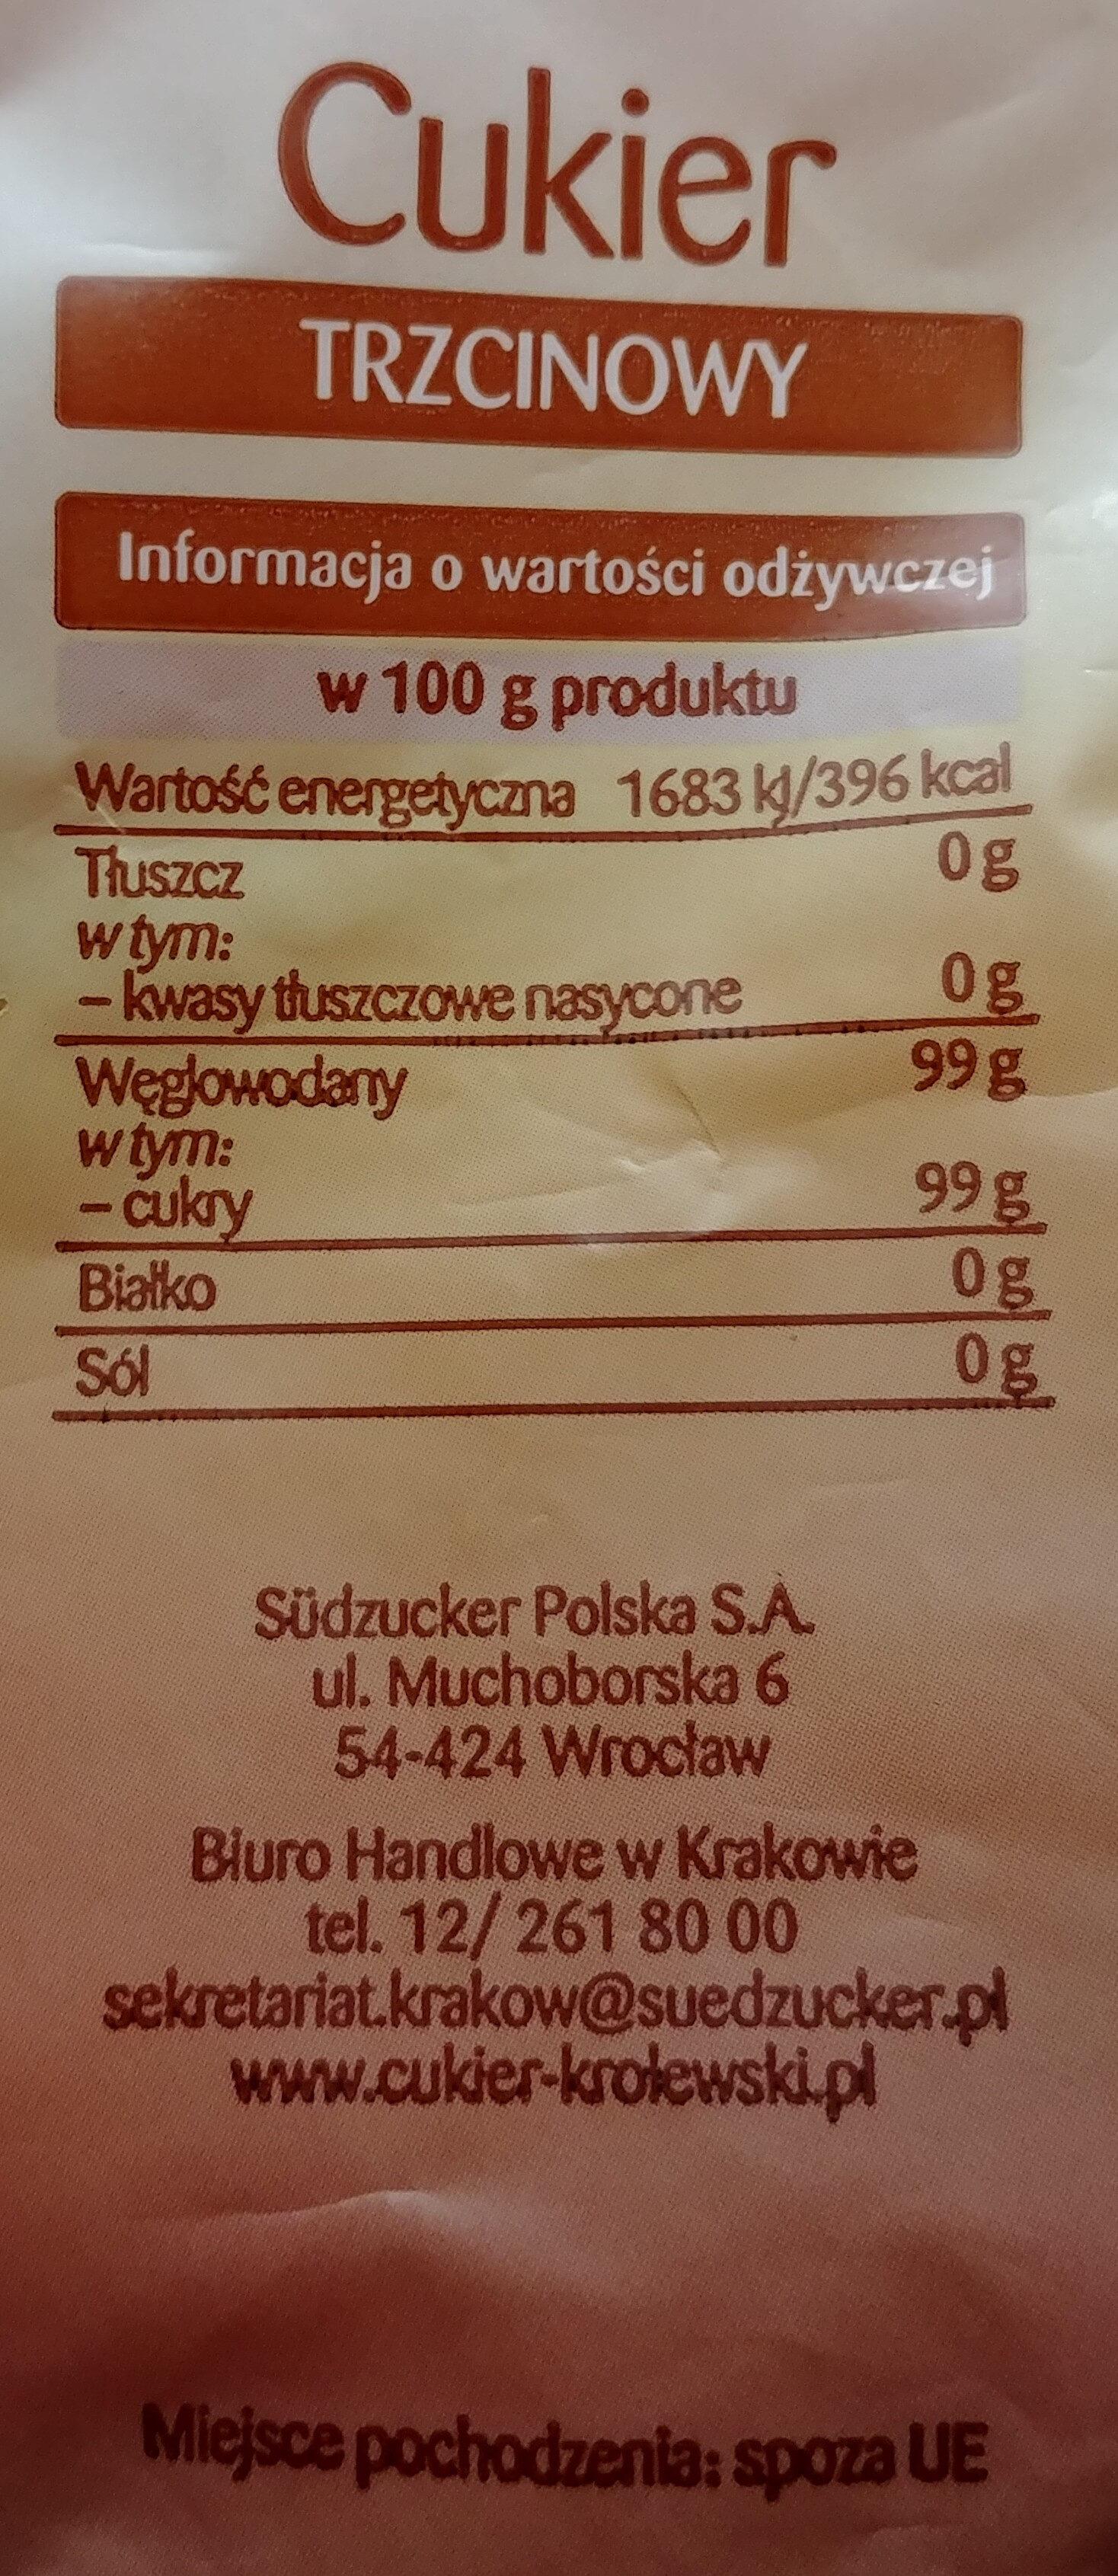 Cukier trzcinowy nierafinowany - Wartości odżywcze